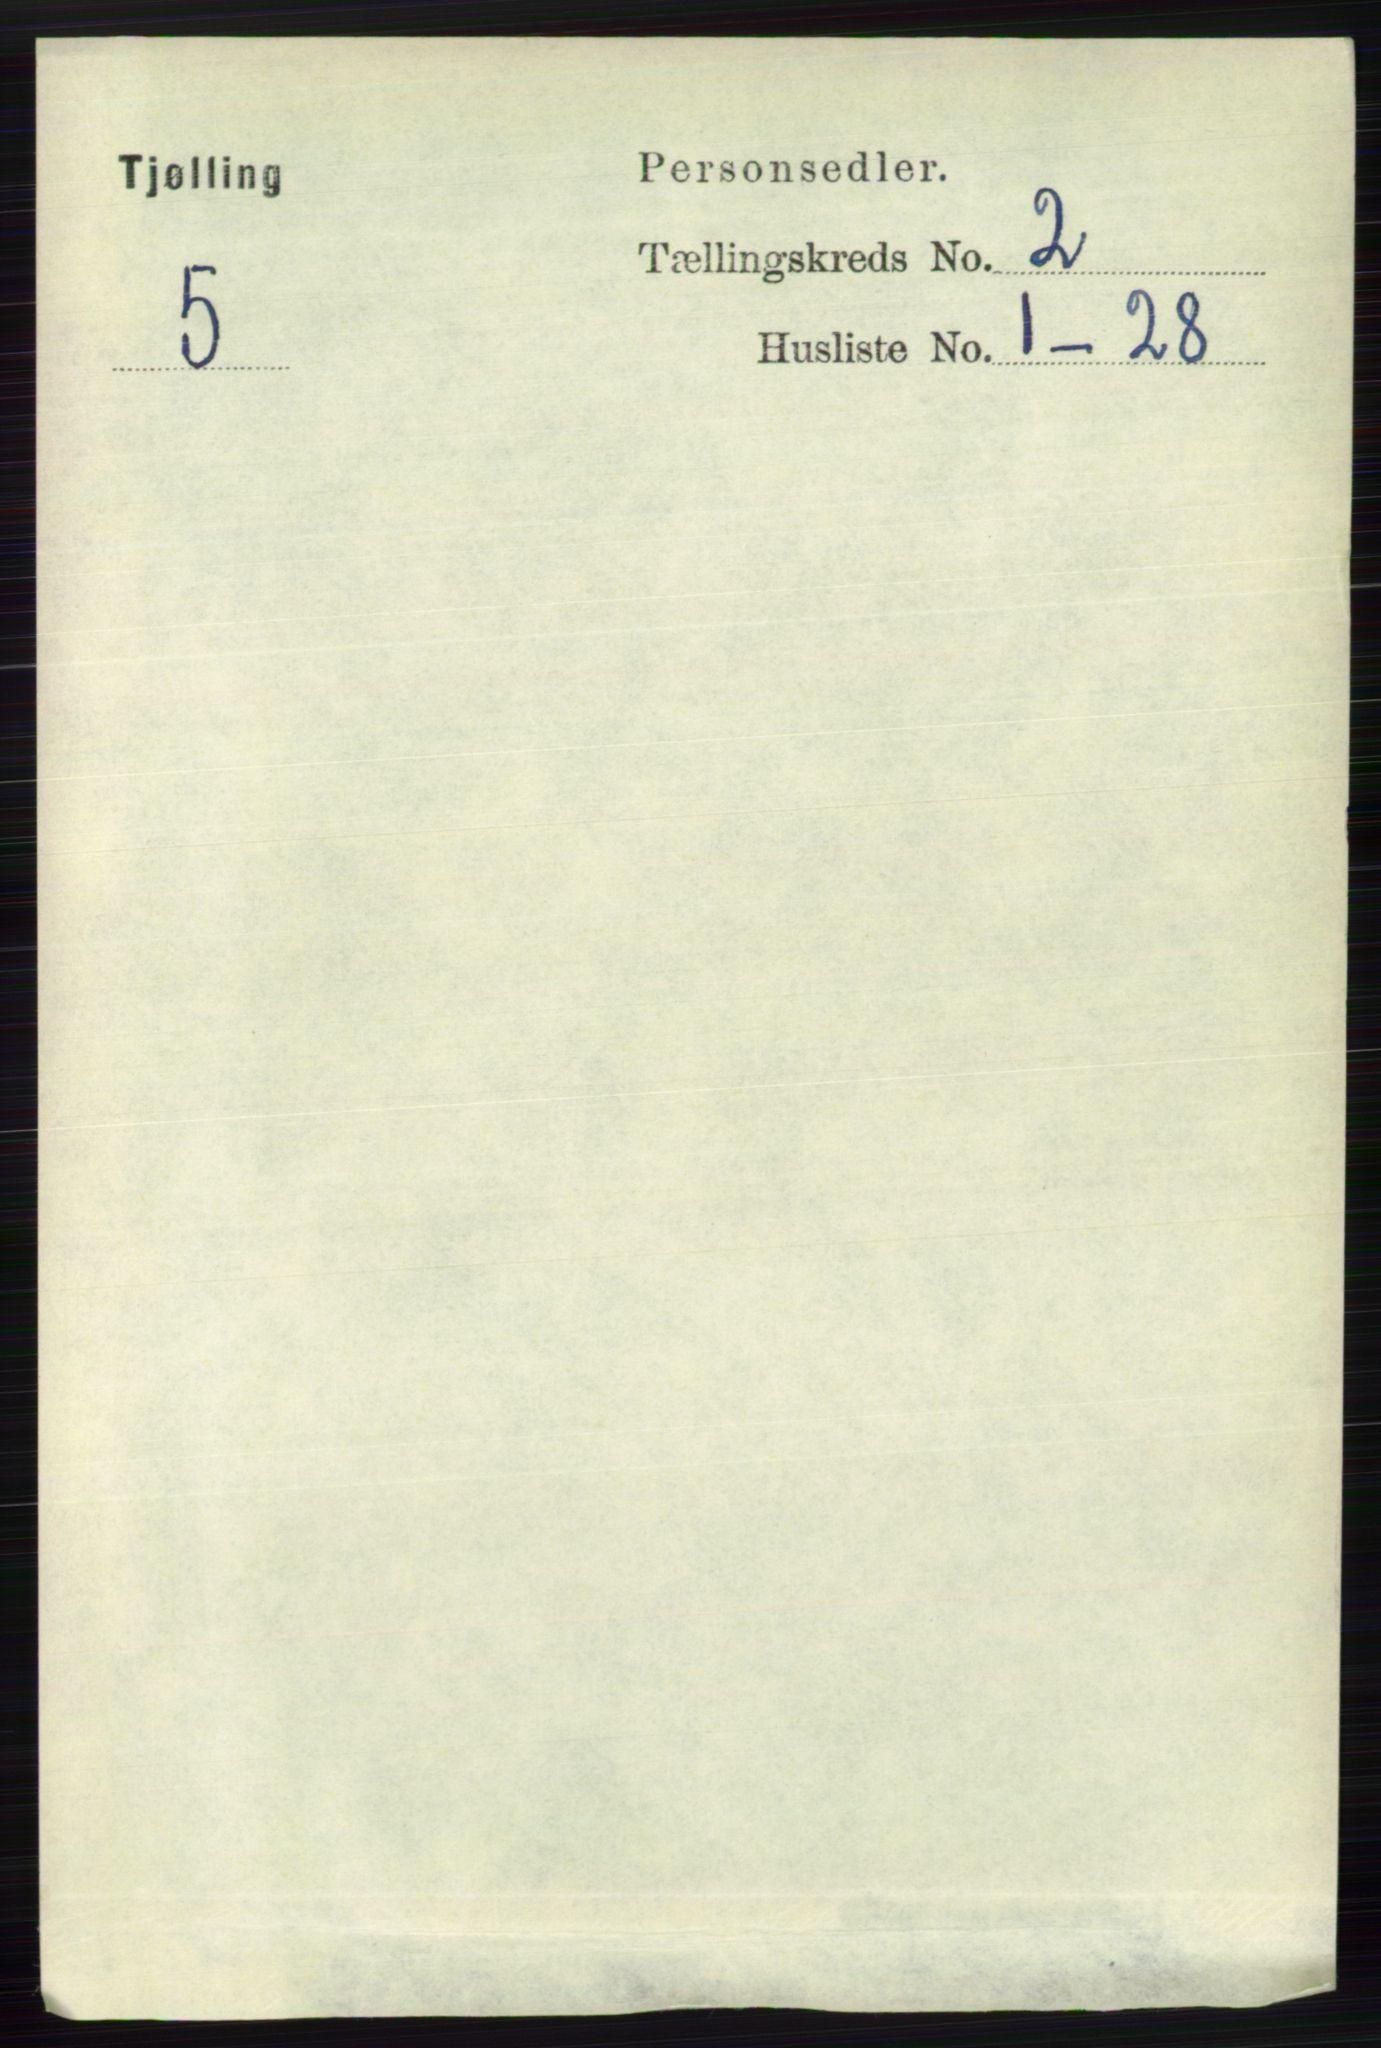 RA, Folketelling 1891 for 0725 Tjølling herred, 1891, s. 499